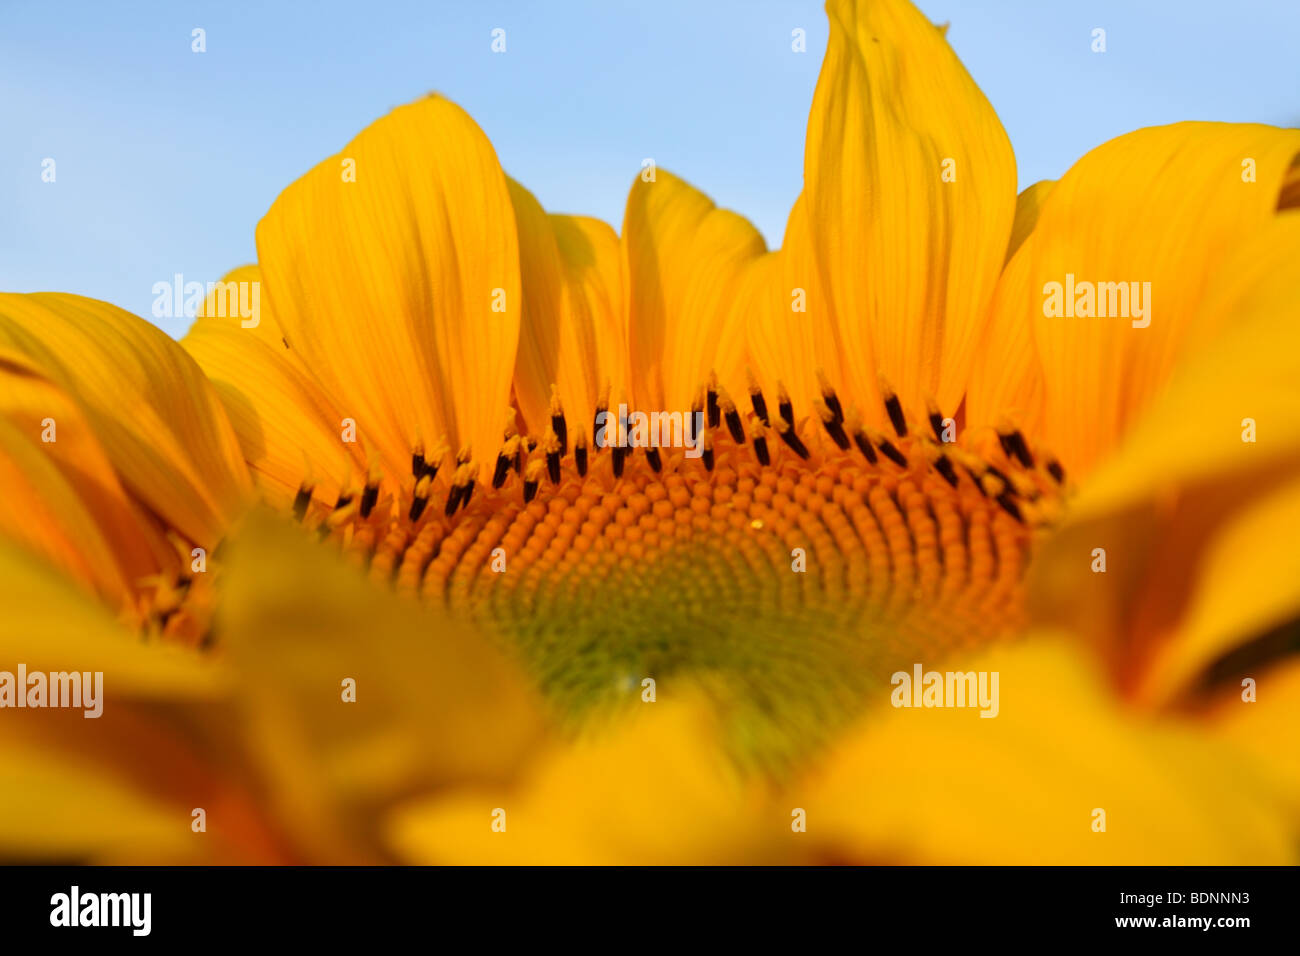 Sunflower flower, 2009 - Stock Image